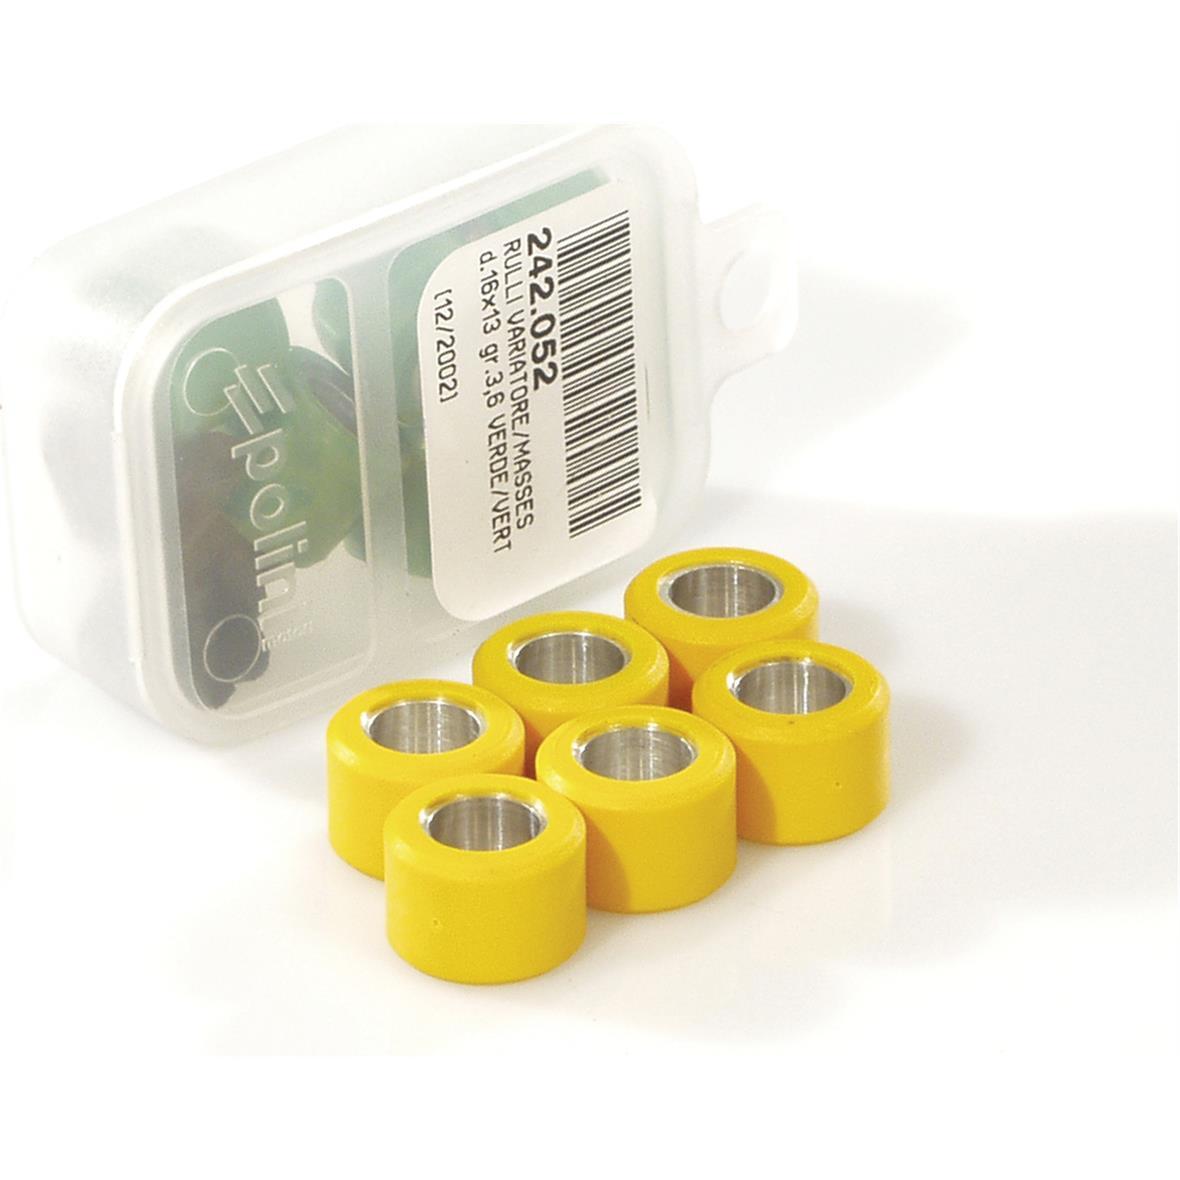 Obrázek výrobku pro 'Válečky variátoru POLINI 23x18 mm 12.4 gramTitle'